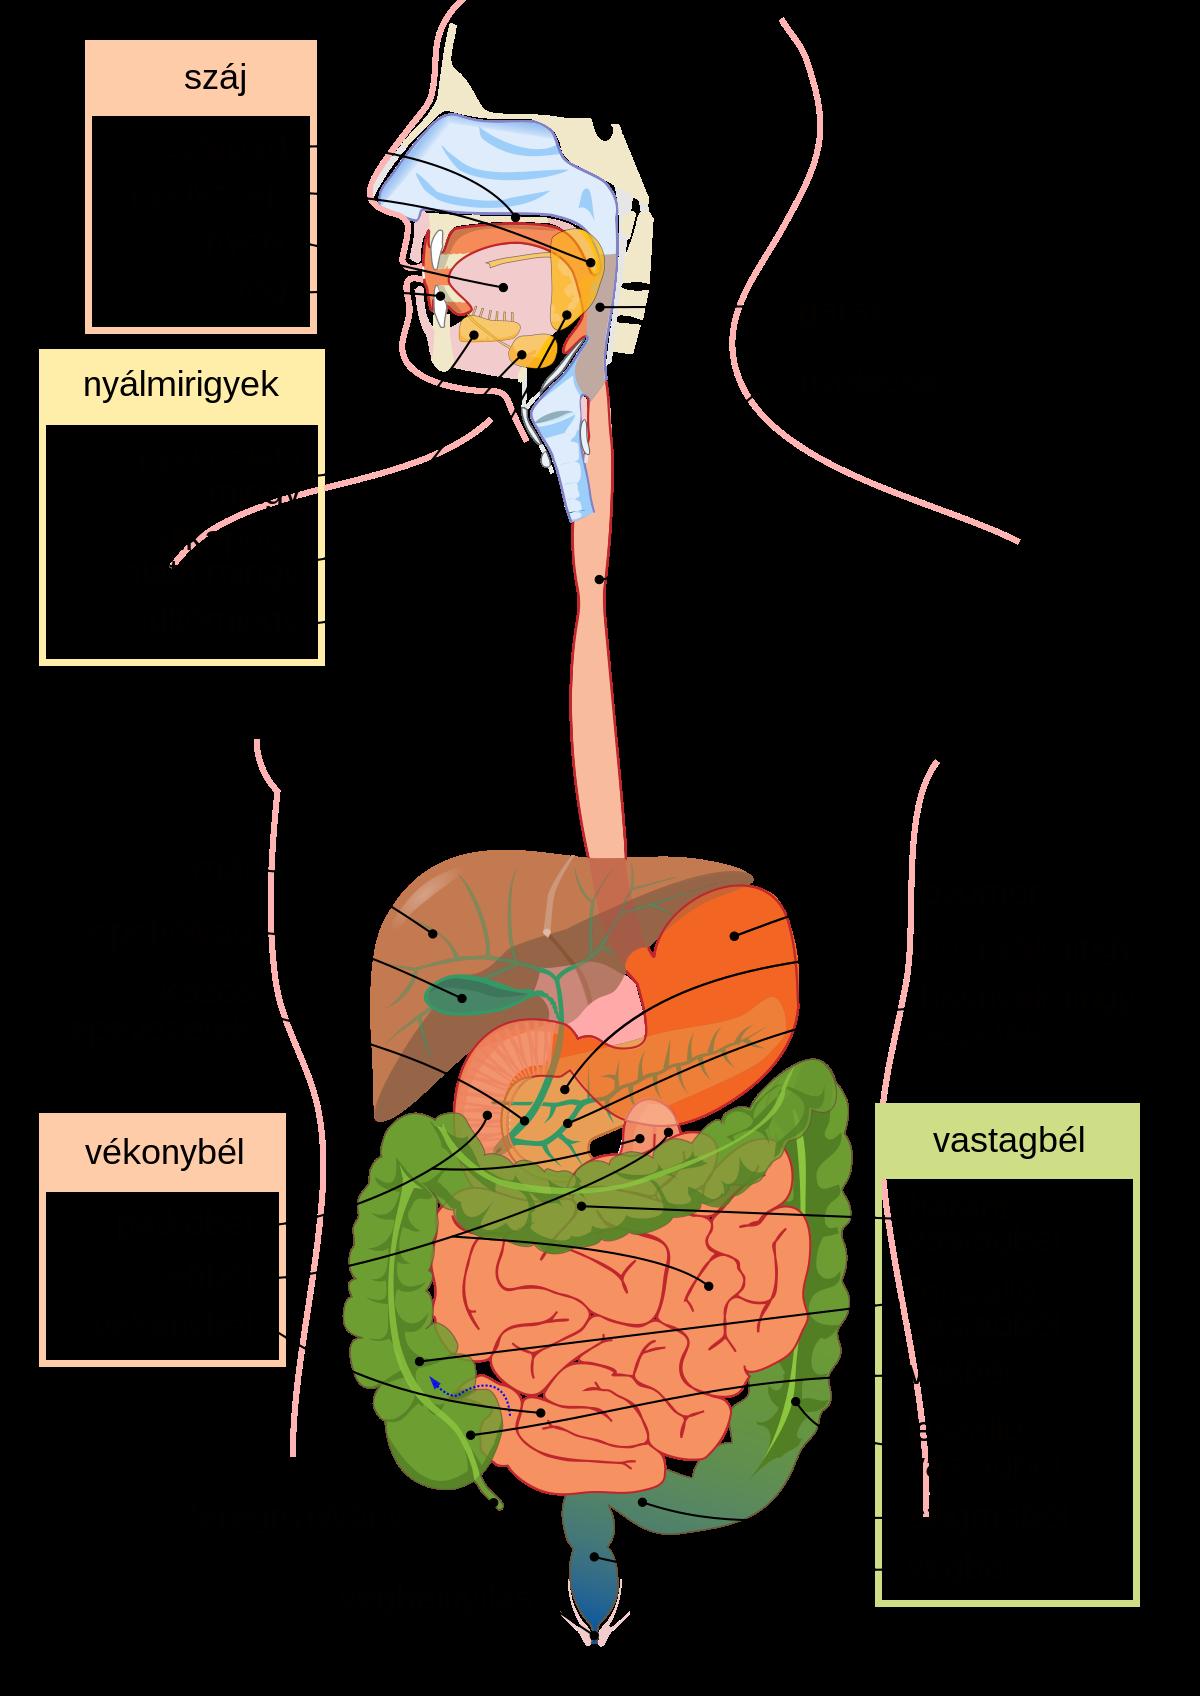 gyógyszerek az emésztőrendszerben élő paraziták számára rossz szag van a szájból, ha eszik